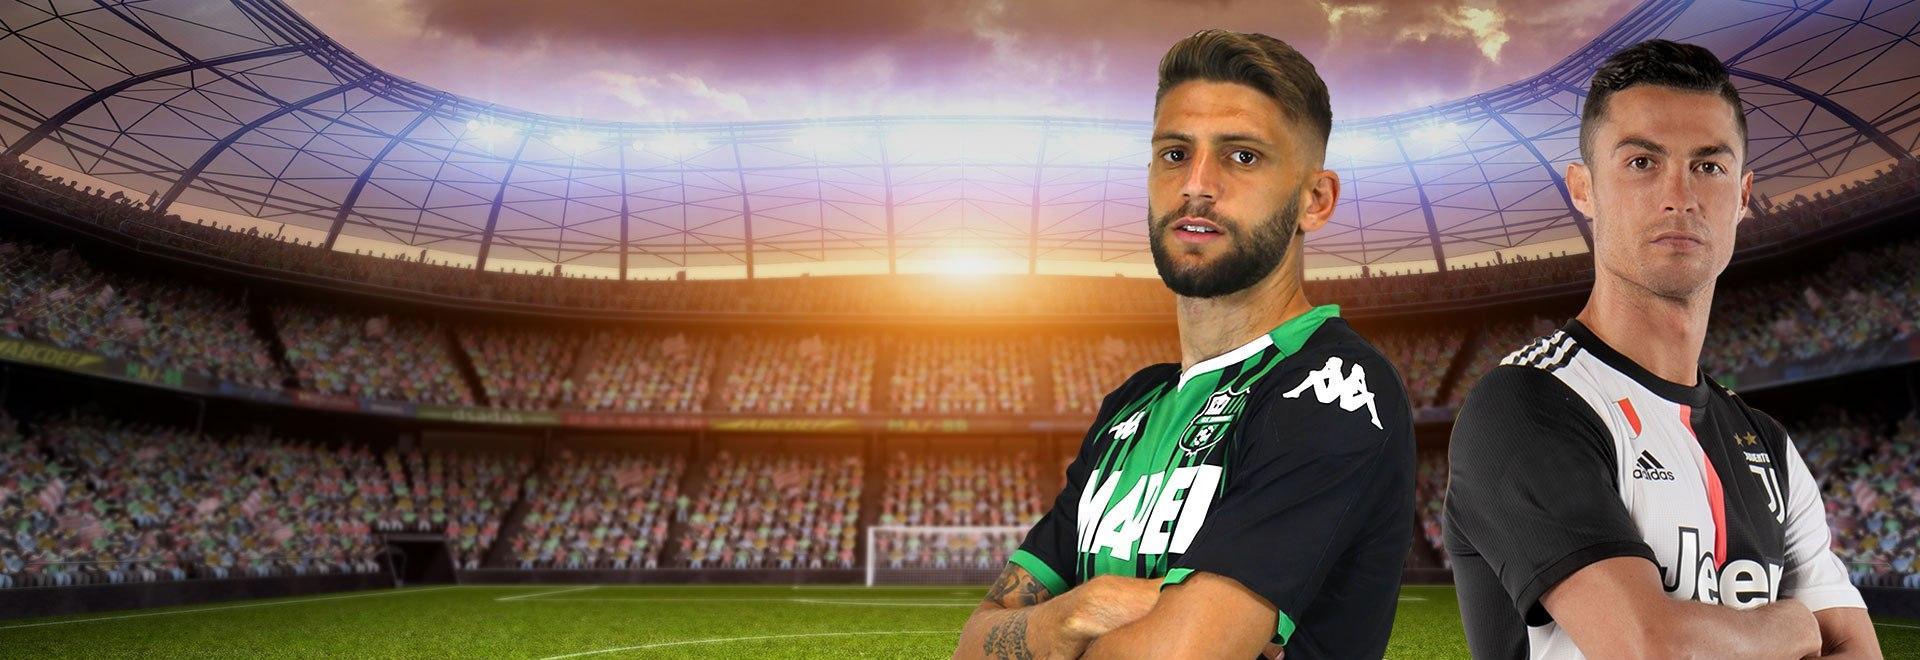 Sassuolo - Juventus. 33a g.